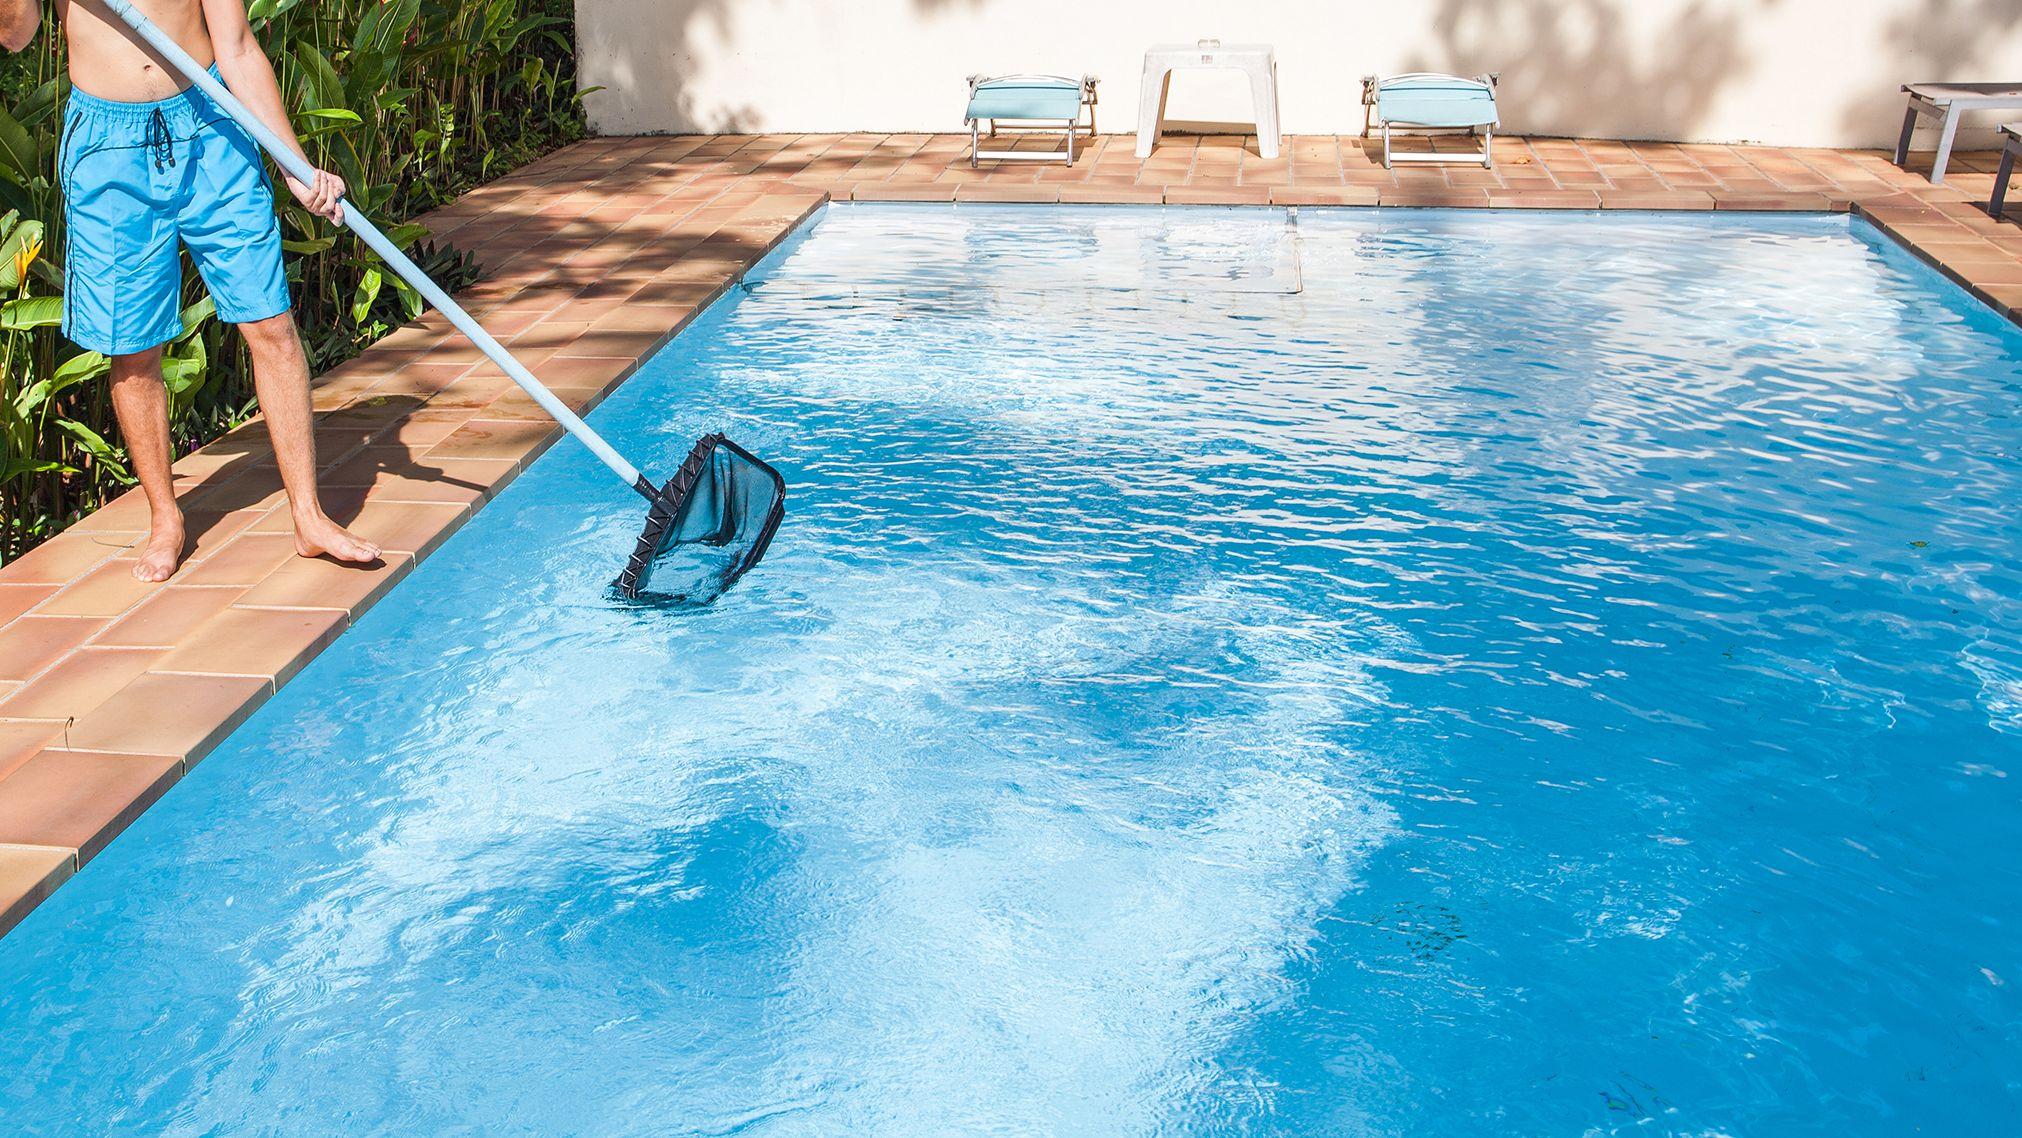 Cómo preparar la piscina para la temporada